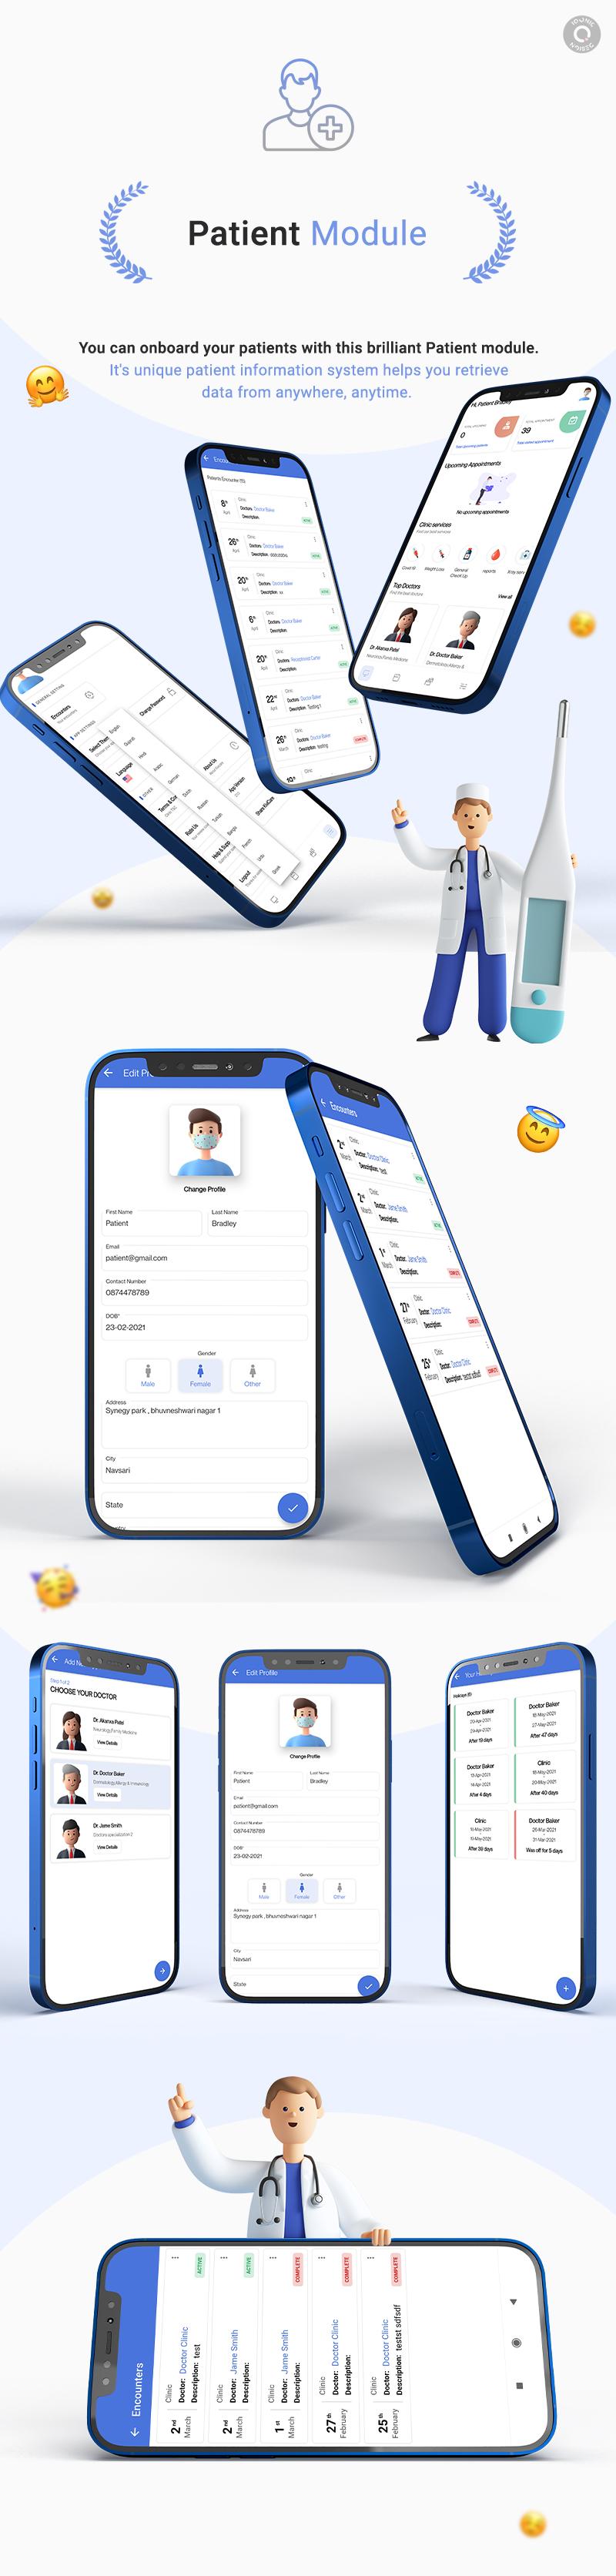 KiviCare Flutter 2.0 App – Clinic & Patient Management System - 12 clinic and patient management system KiviCare Flutter 2.0 App Patient